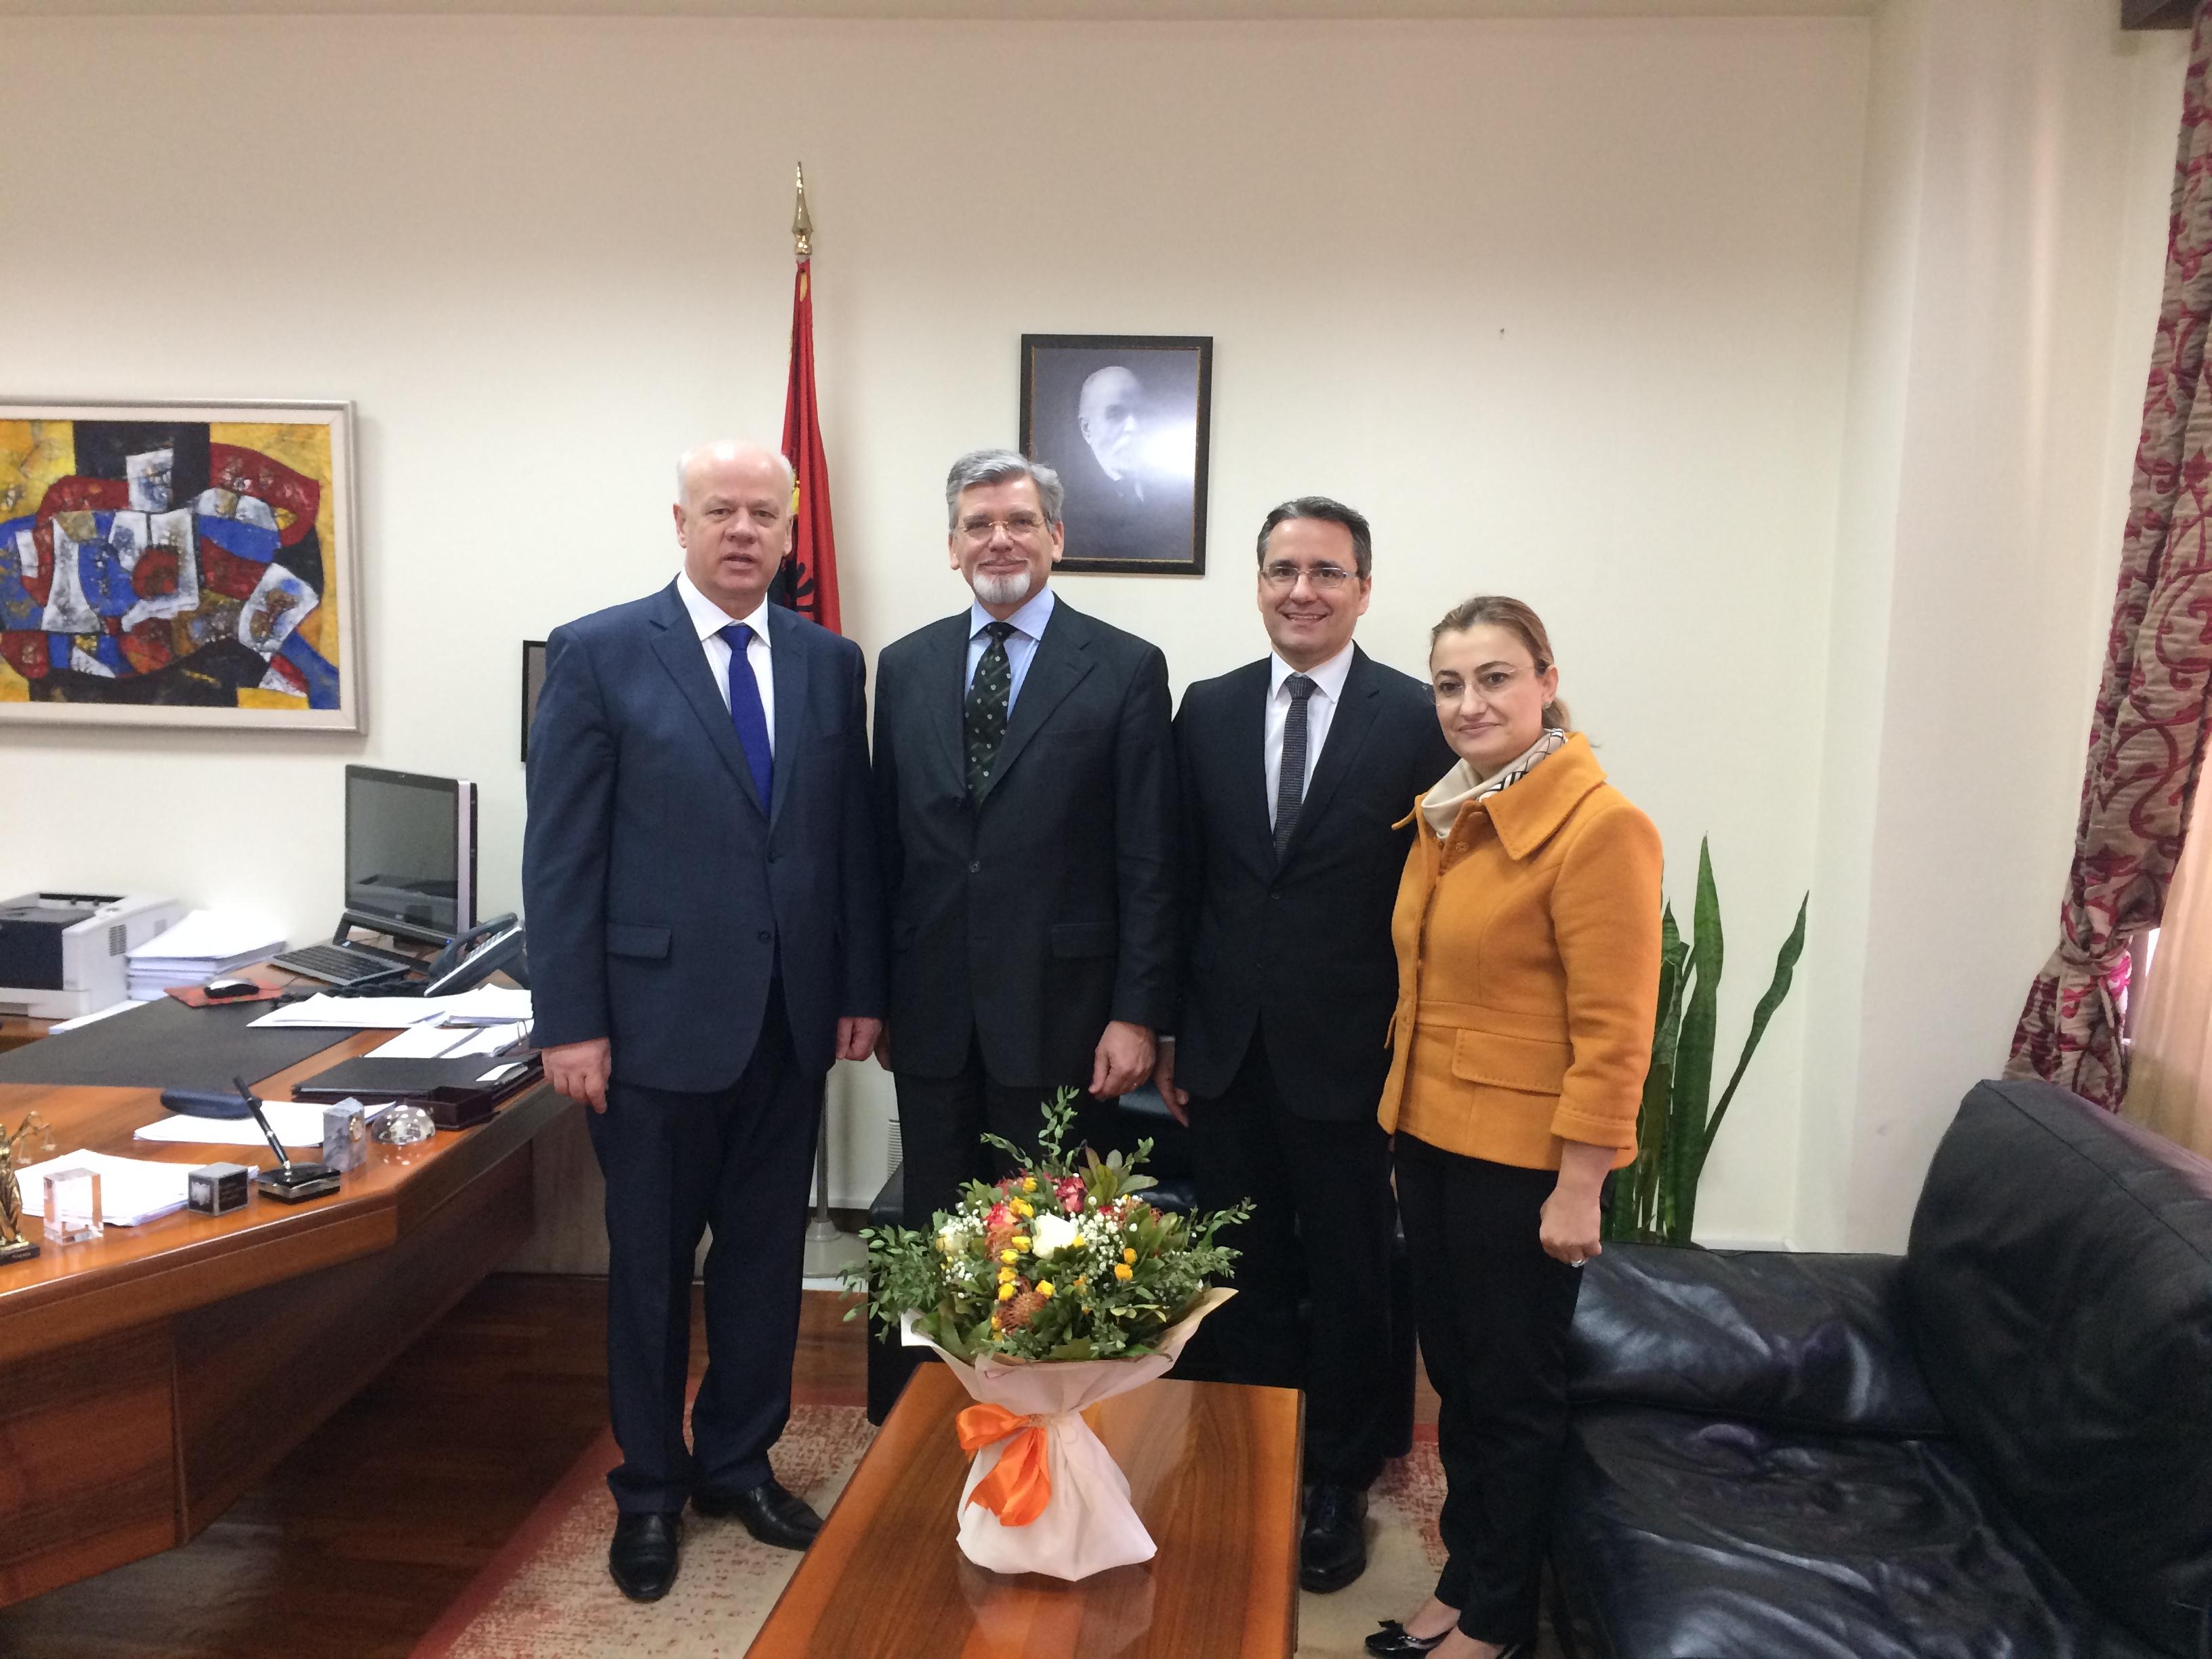 Një delegacion i Gjykatës Administrative Federale të Zvicrës, kryesuar nga kryetari i kësaj gjykate Z. Jean Luc Beachler dhe gjyqtari Pietro Angeli Busi, ka zhvilluar një vizitë zyrtare dy ditore në Shqipëri, me ftesë të Kryetarit të Gjykatës së Lartë